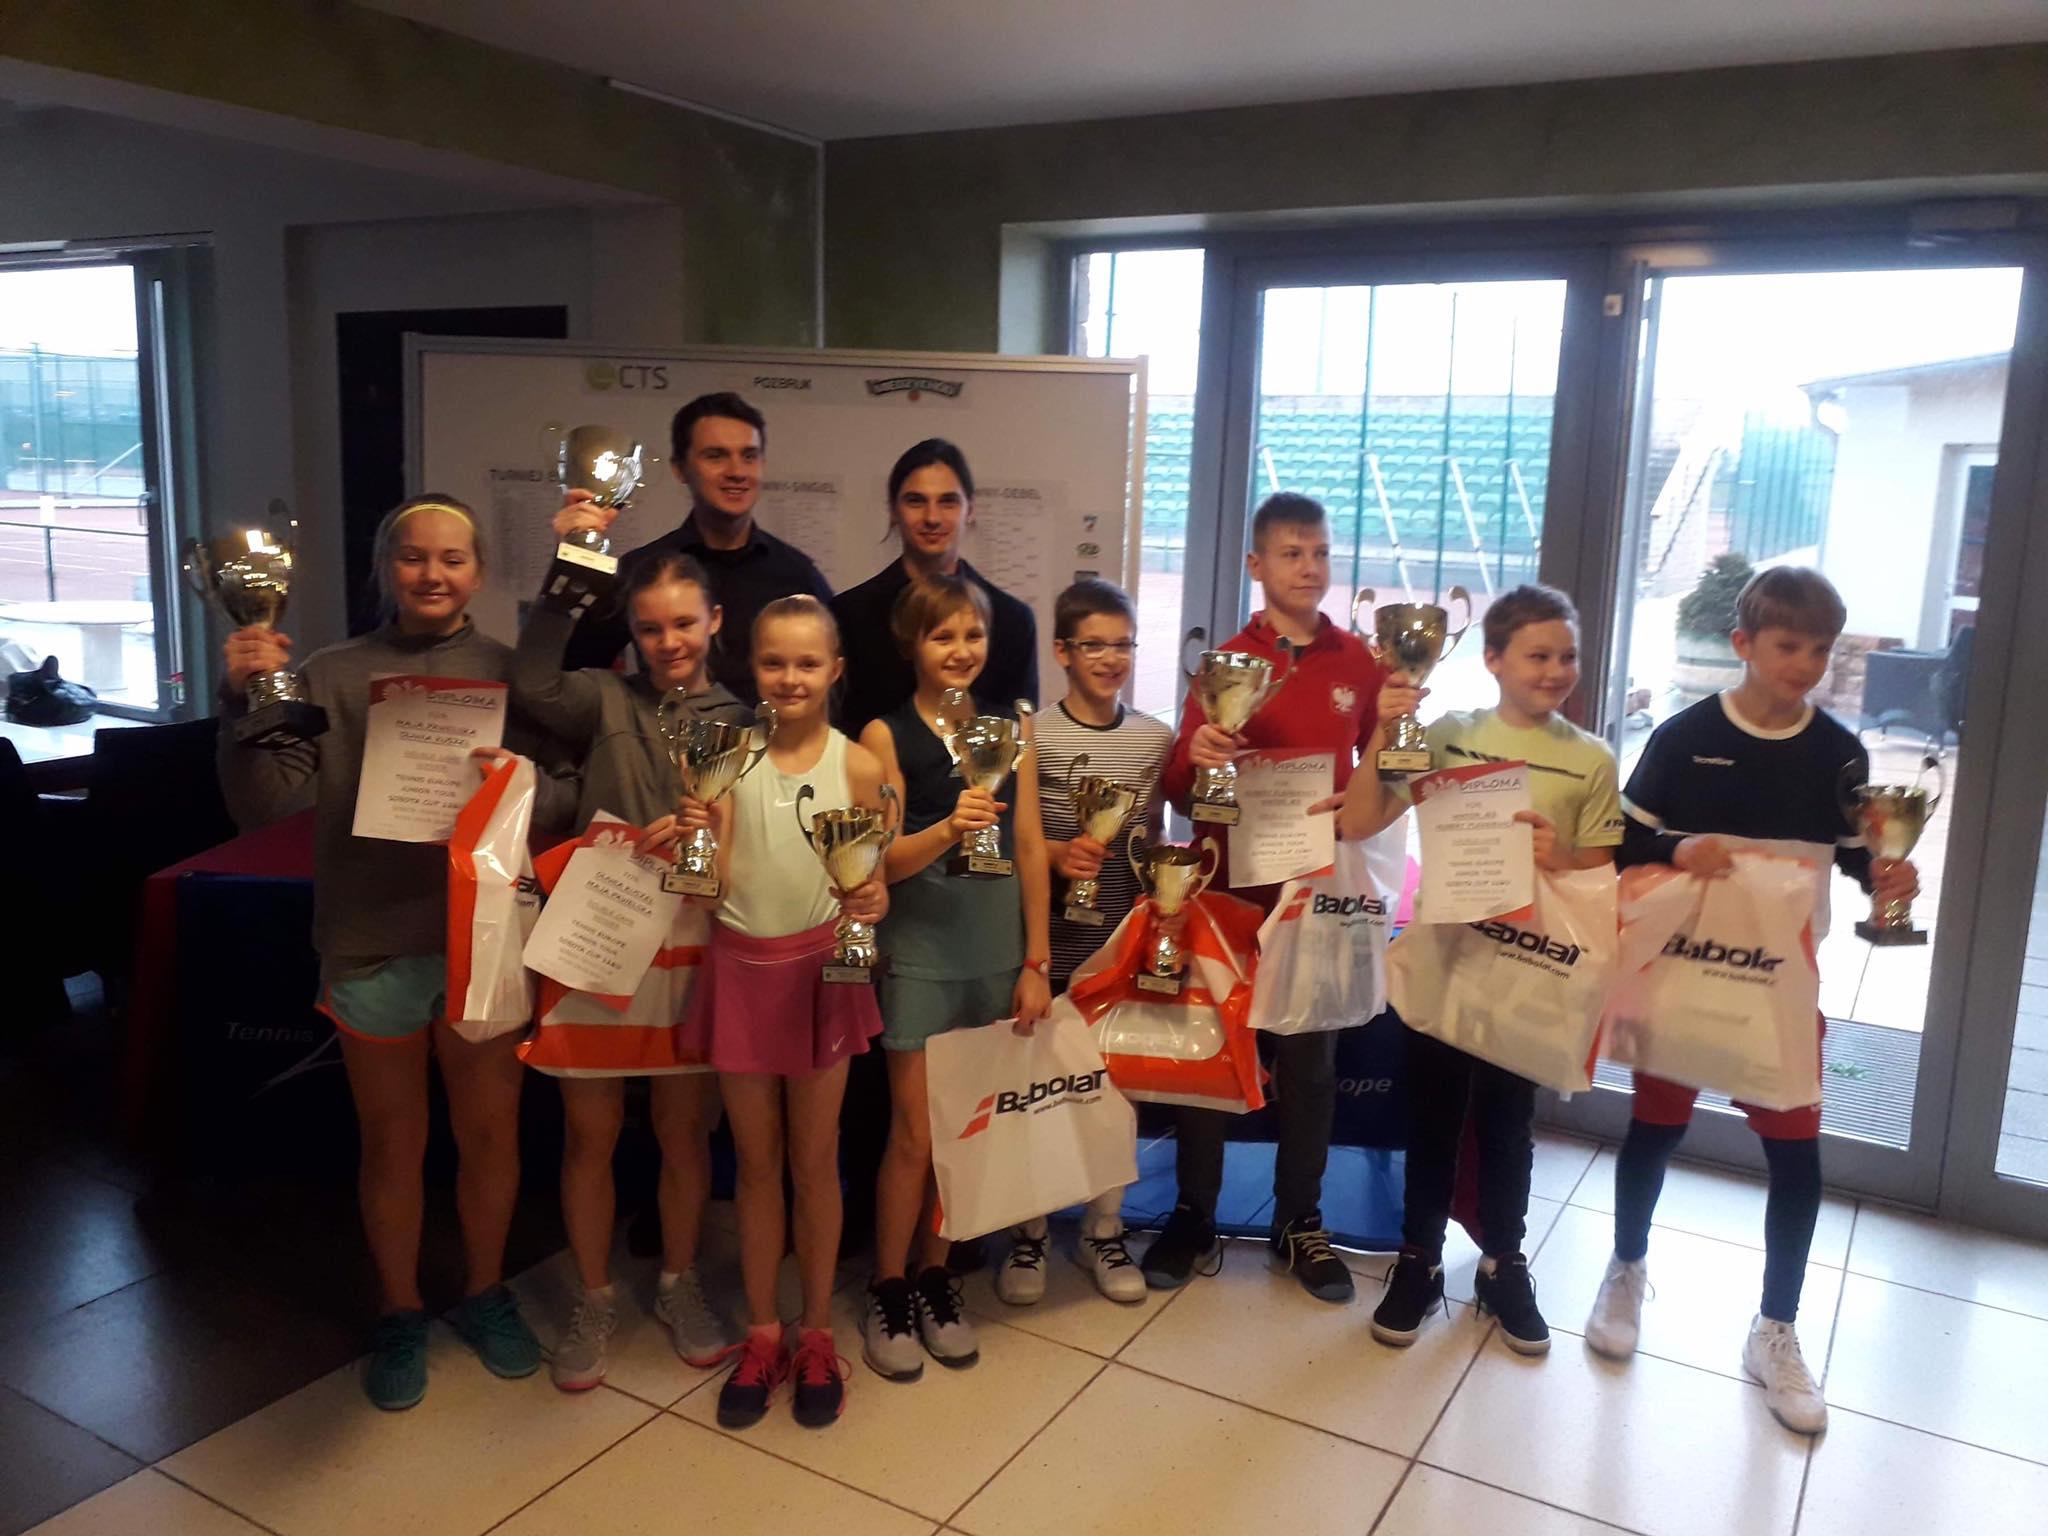 Na zdjęciu zwycięzcy Międzynarodowego Turnieju do lat 12 Sobota Cup Tennis Europe, dziewczynki i chłopcy prezentujący zdobyte nagrody i dyplomy oraz organizatorzy turnieju.